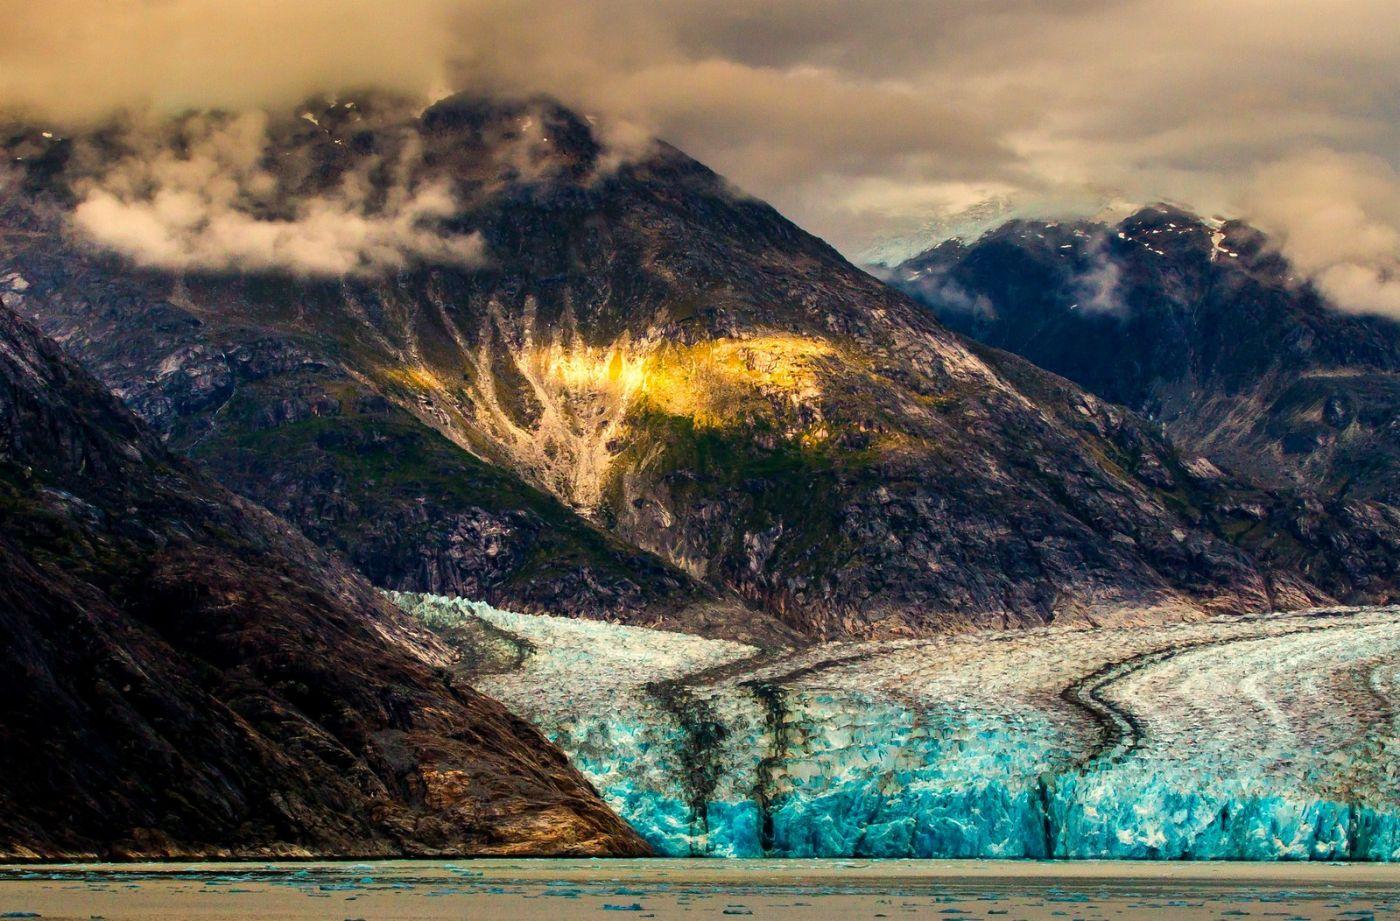 阿拉斯加,冰川绿山大游船_图1-19